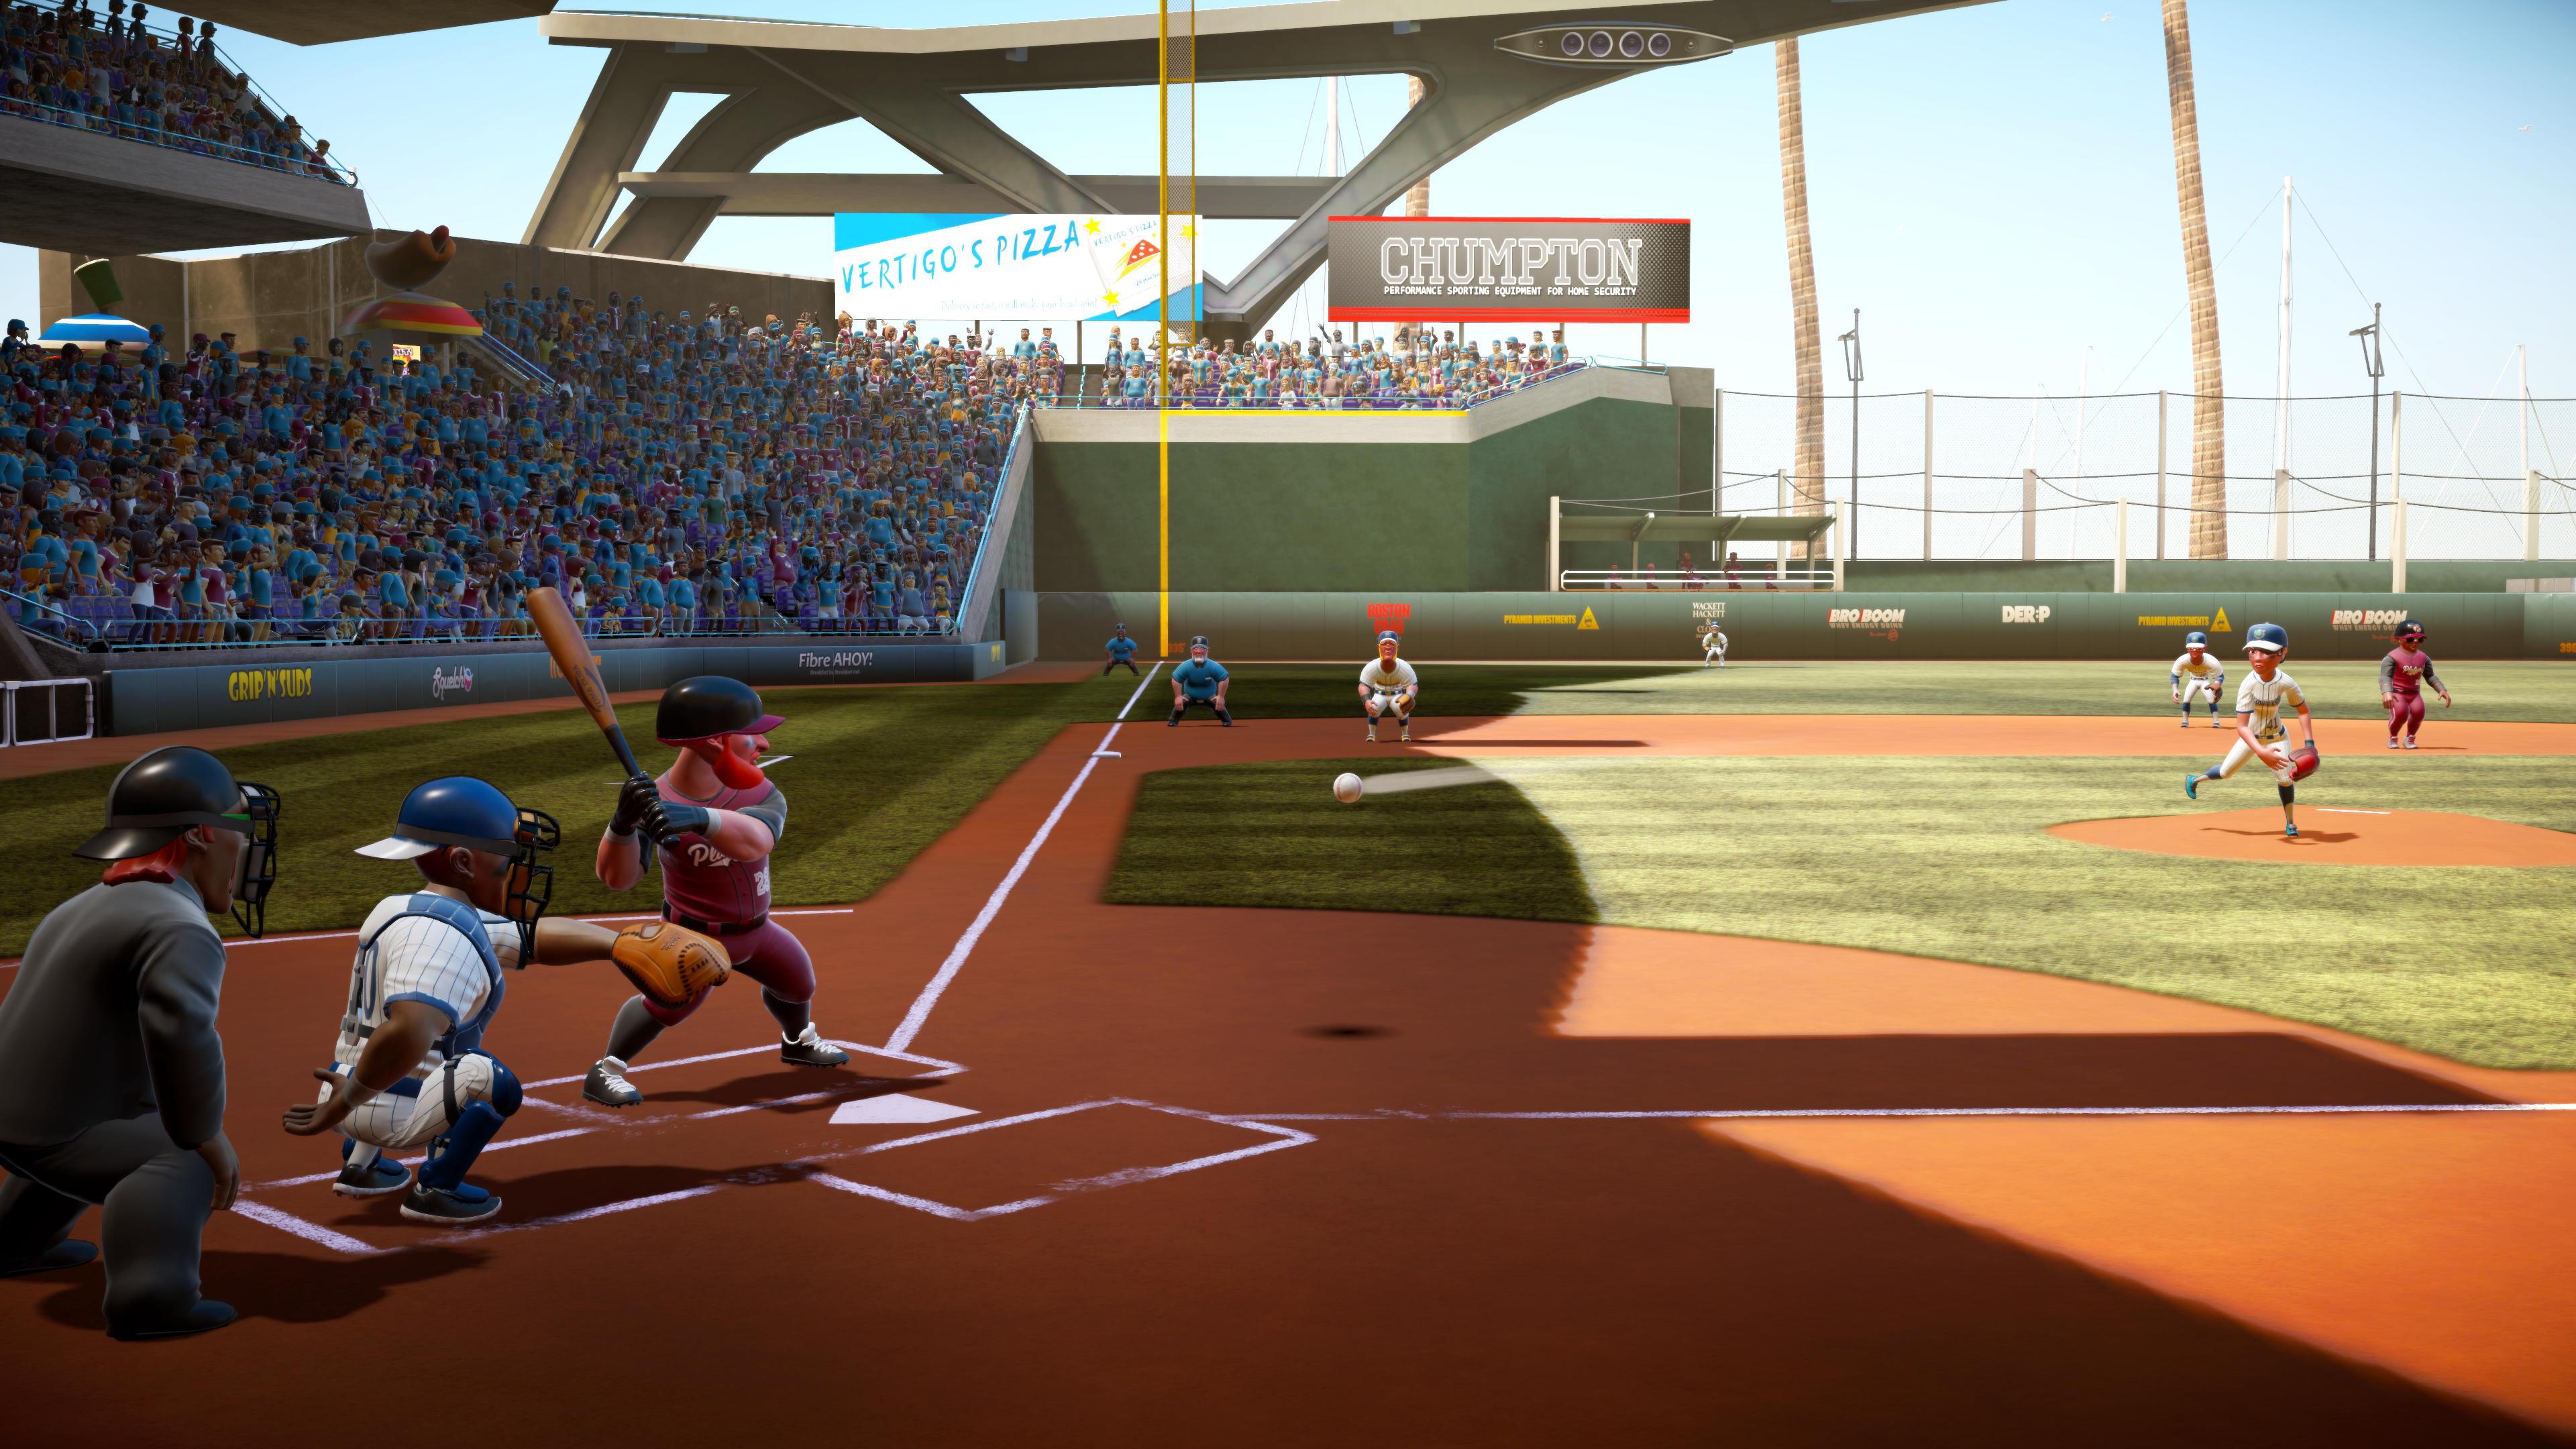 batter faces a pitch in Super Mega Baseball 2